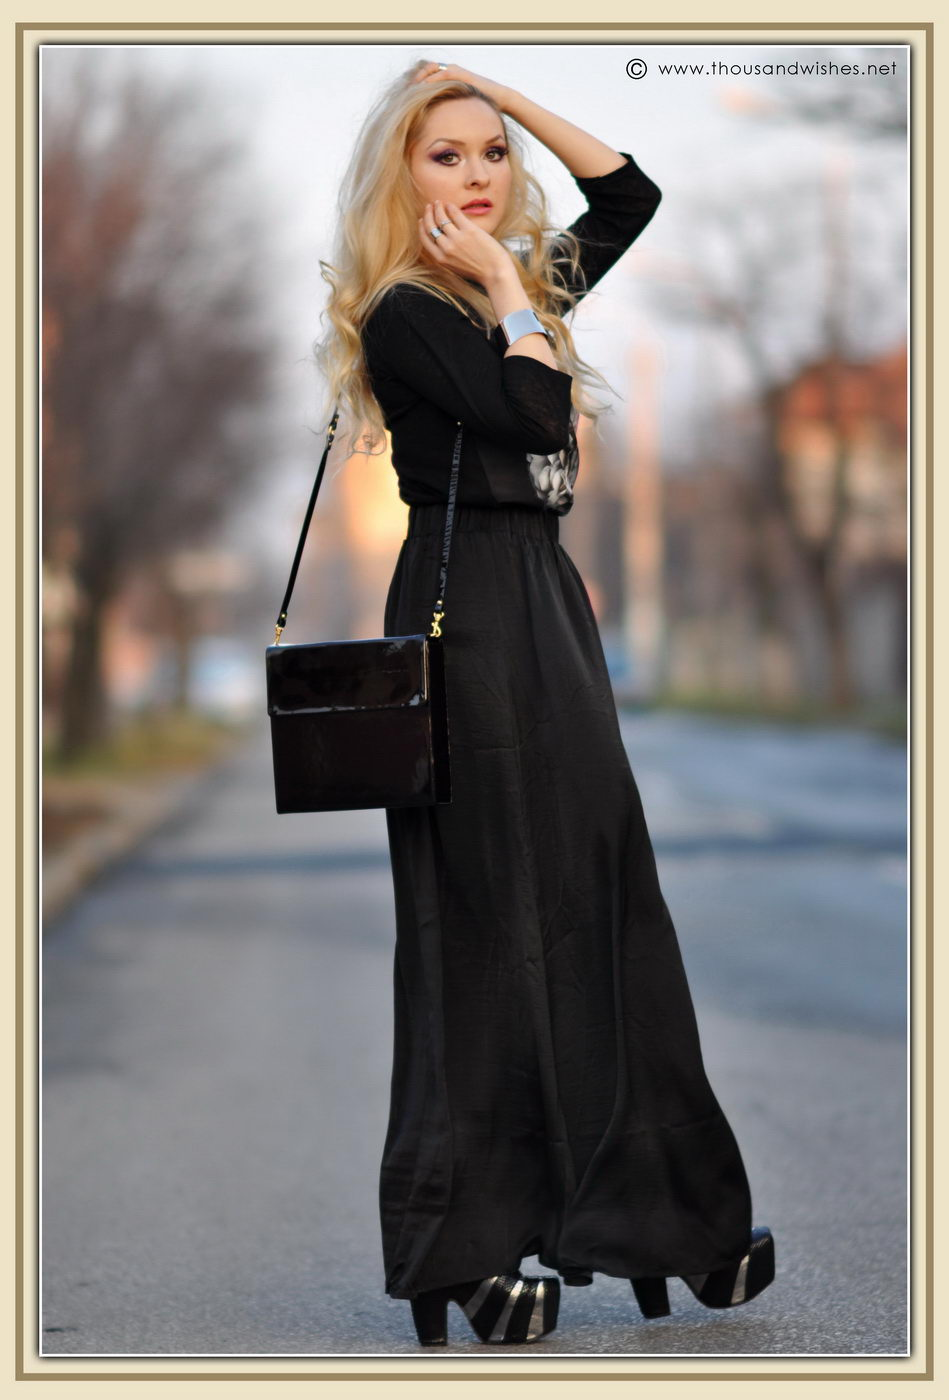 11_glossy_black_bag_skirt